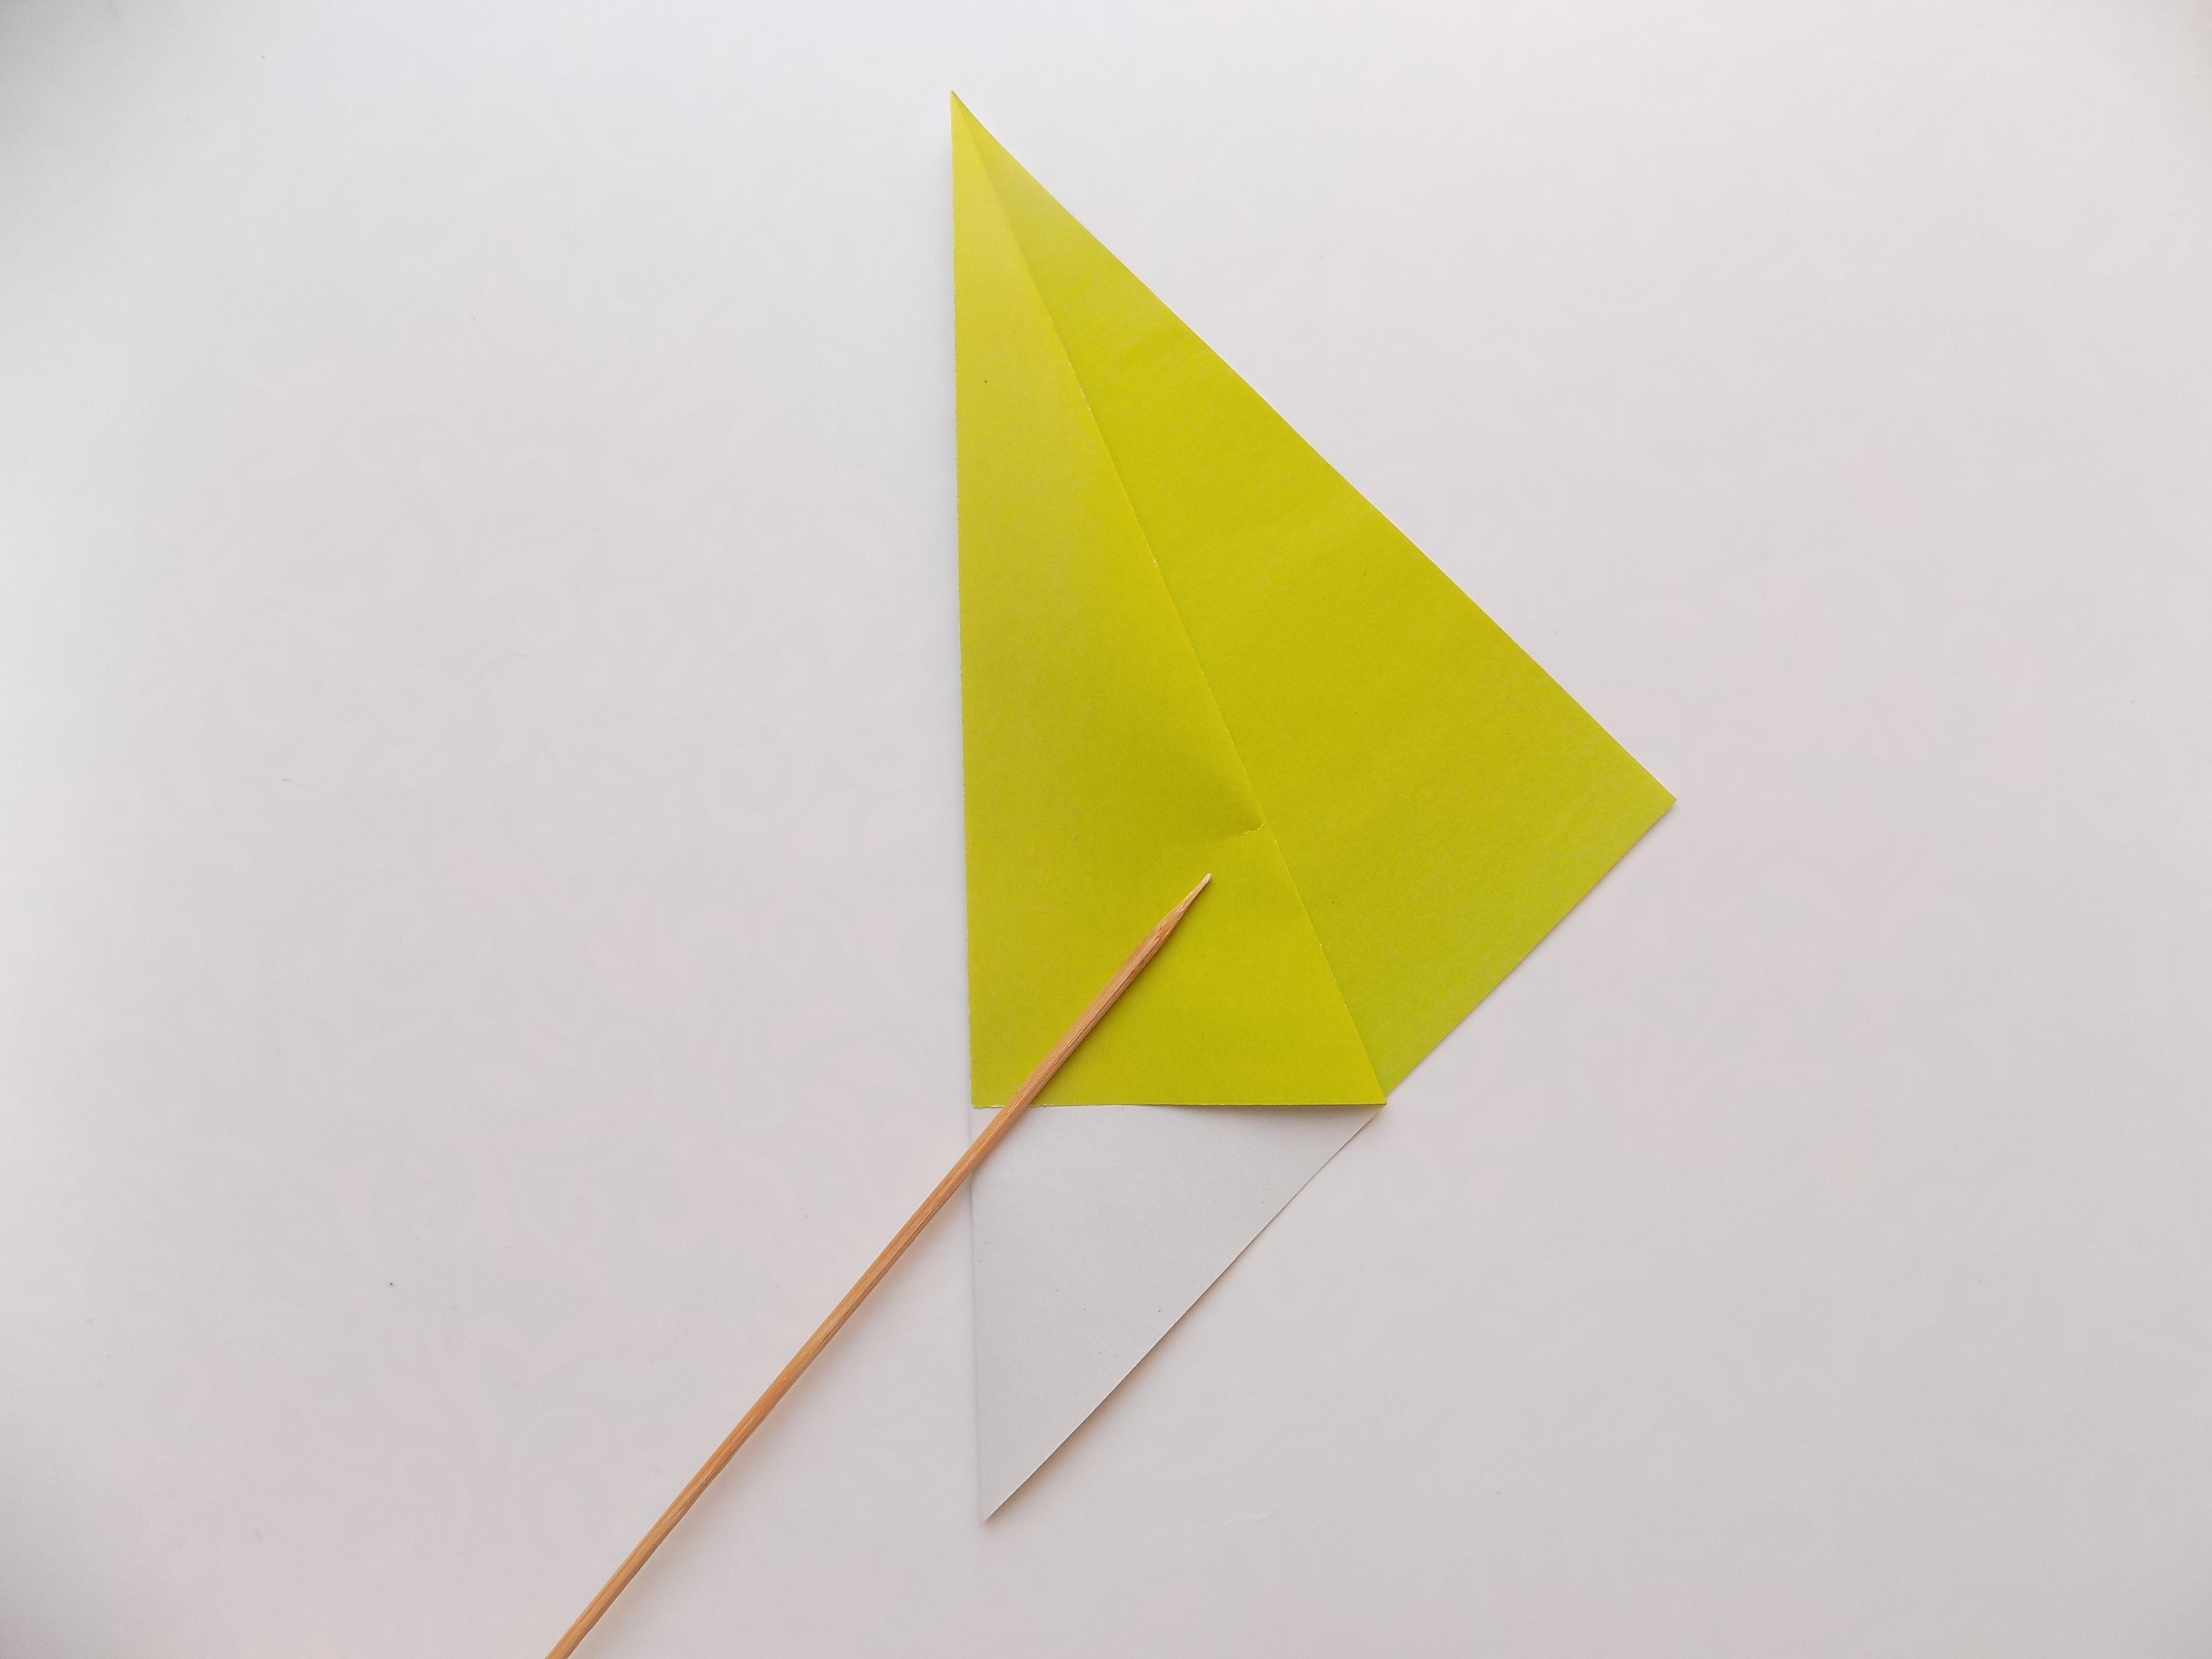 Как сделать птичку из бумаги в технике оригами?